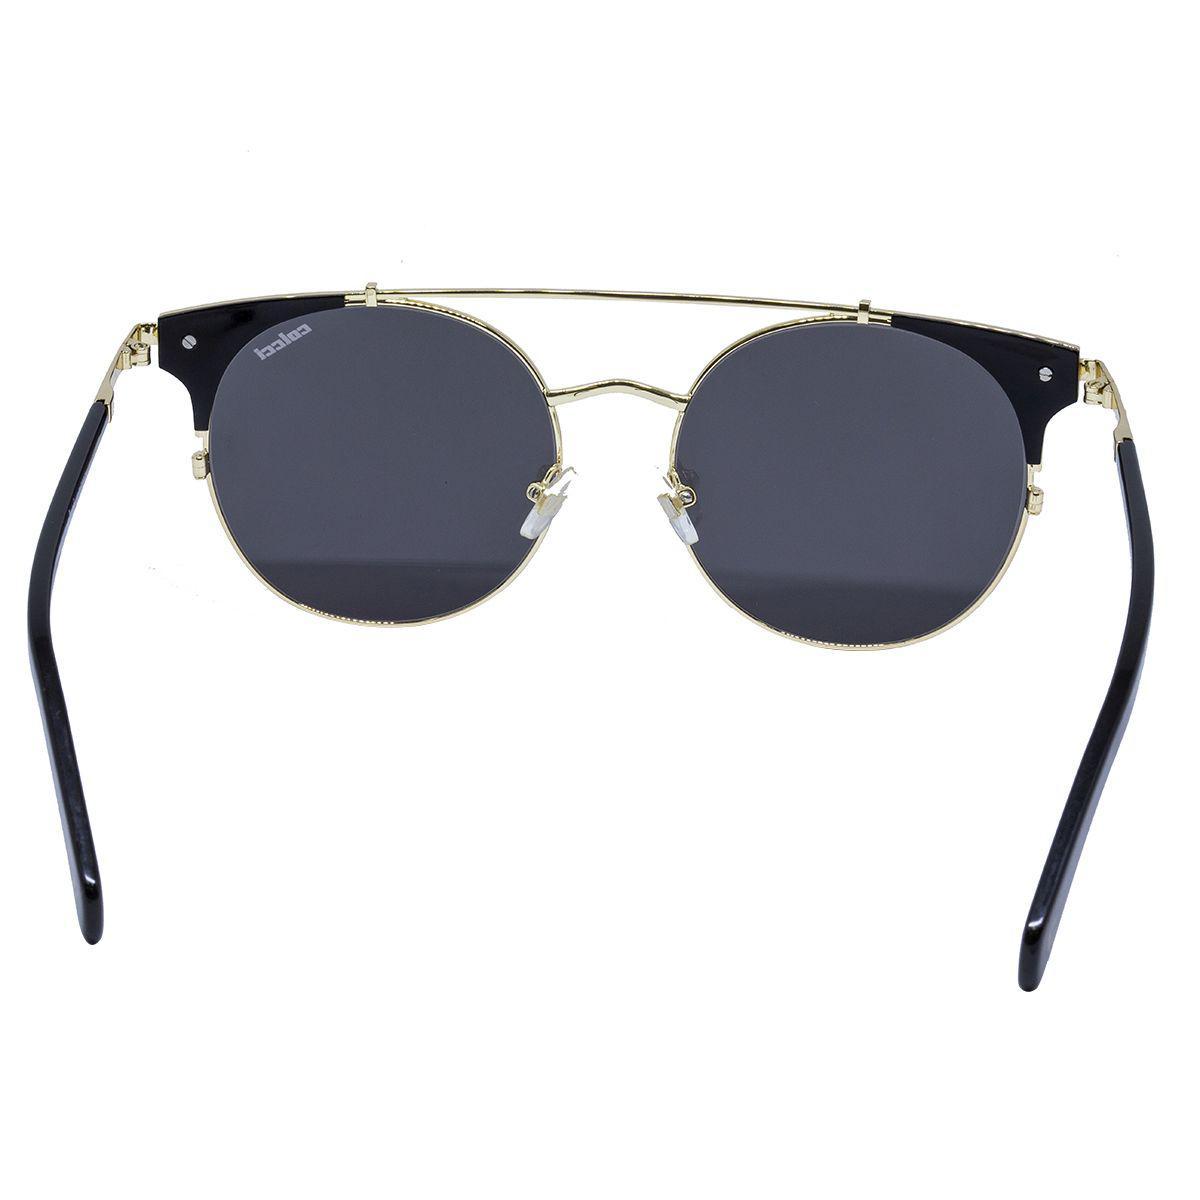 11b31f11b598a Óculos de Sol Colcci Luxury Design C0084 A34 - metal dourado e prata, lente  cinza R  526,00 à vista. Adicionar à sacola